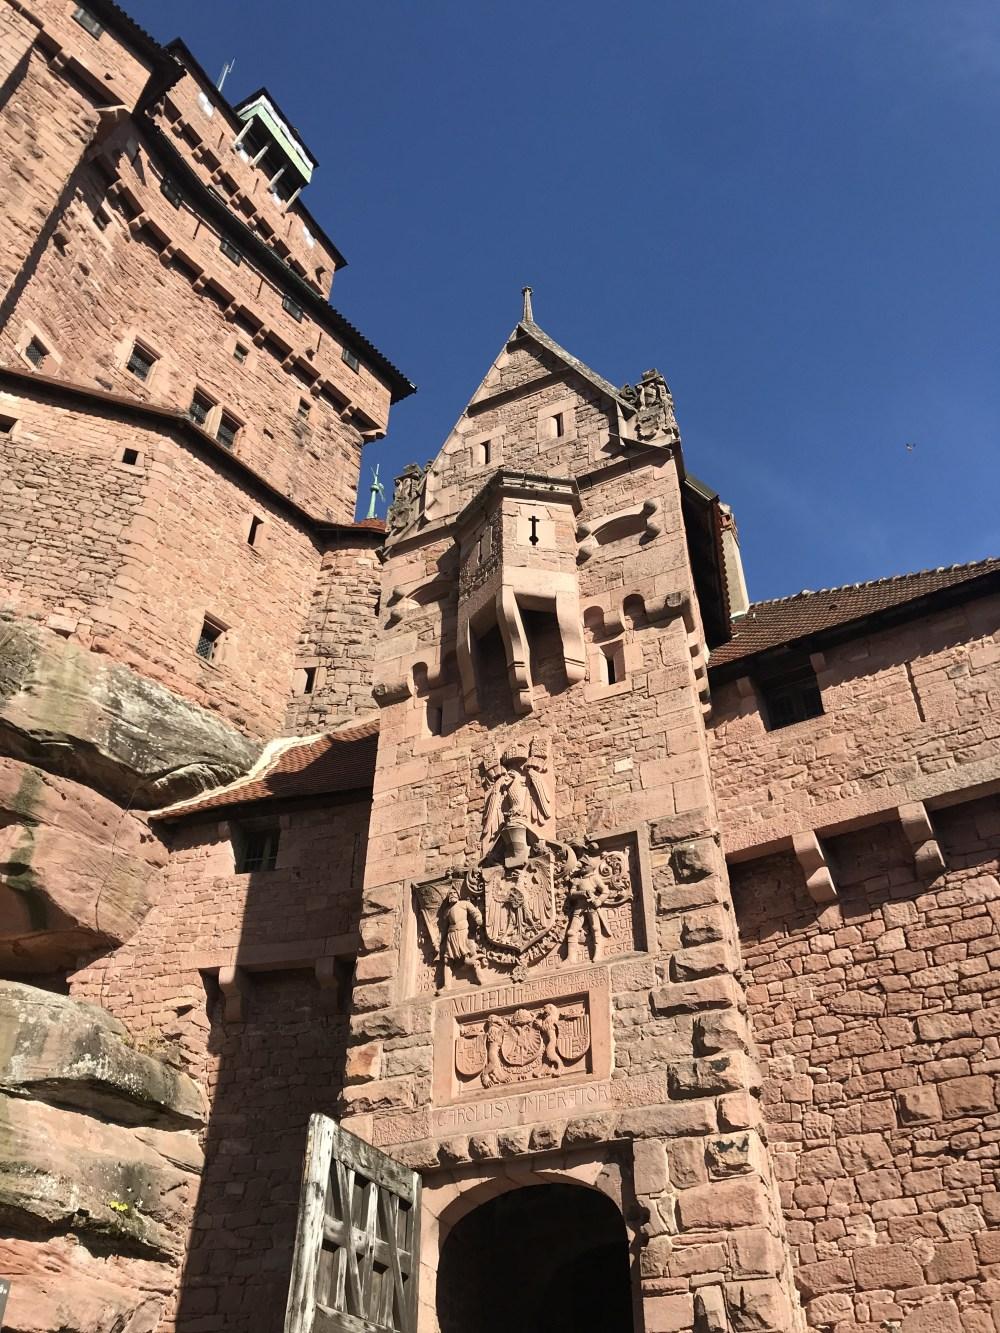 Imponente desde a entrada, esse é o Haut-Koeningsbourg